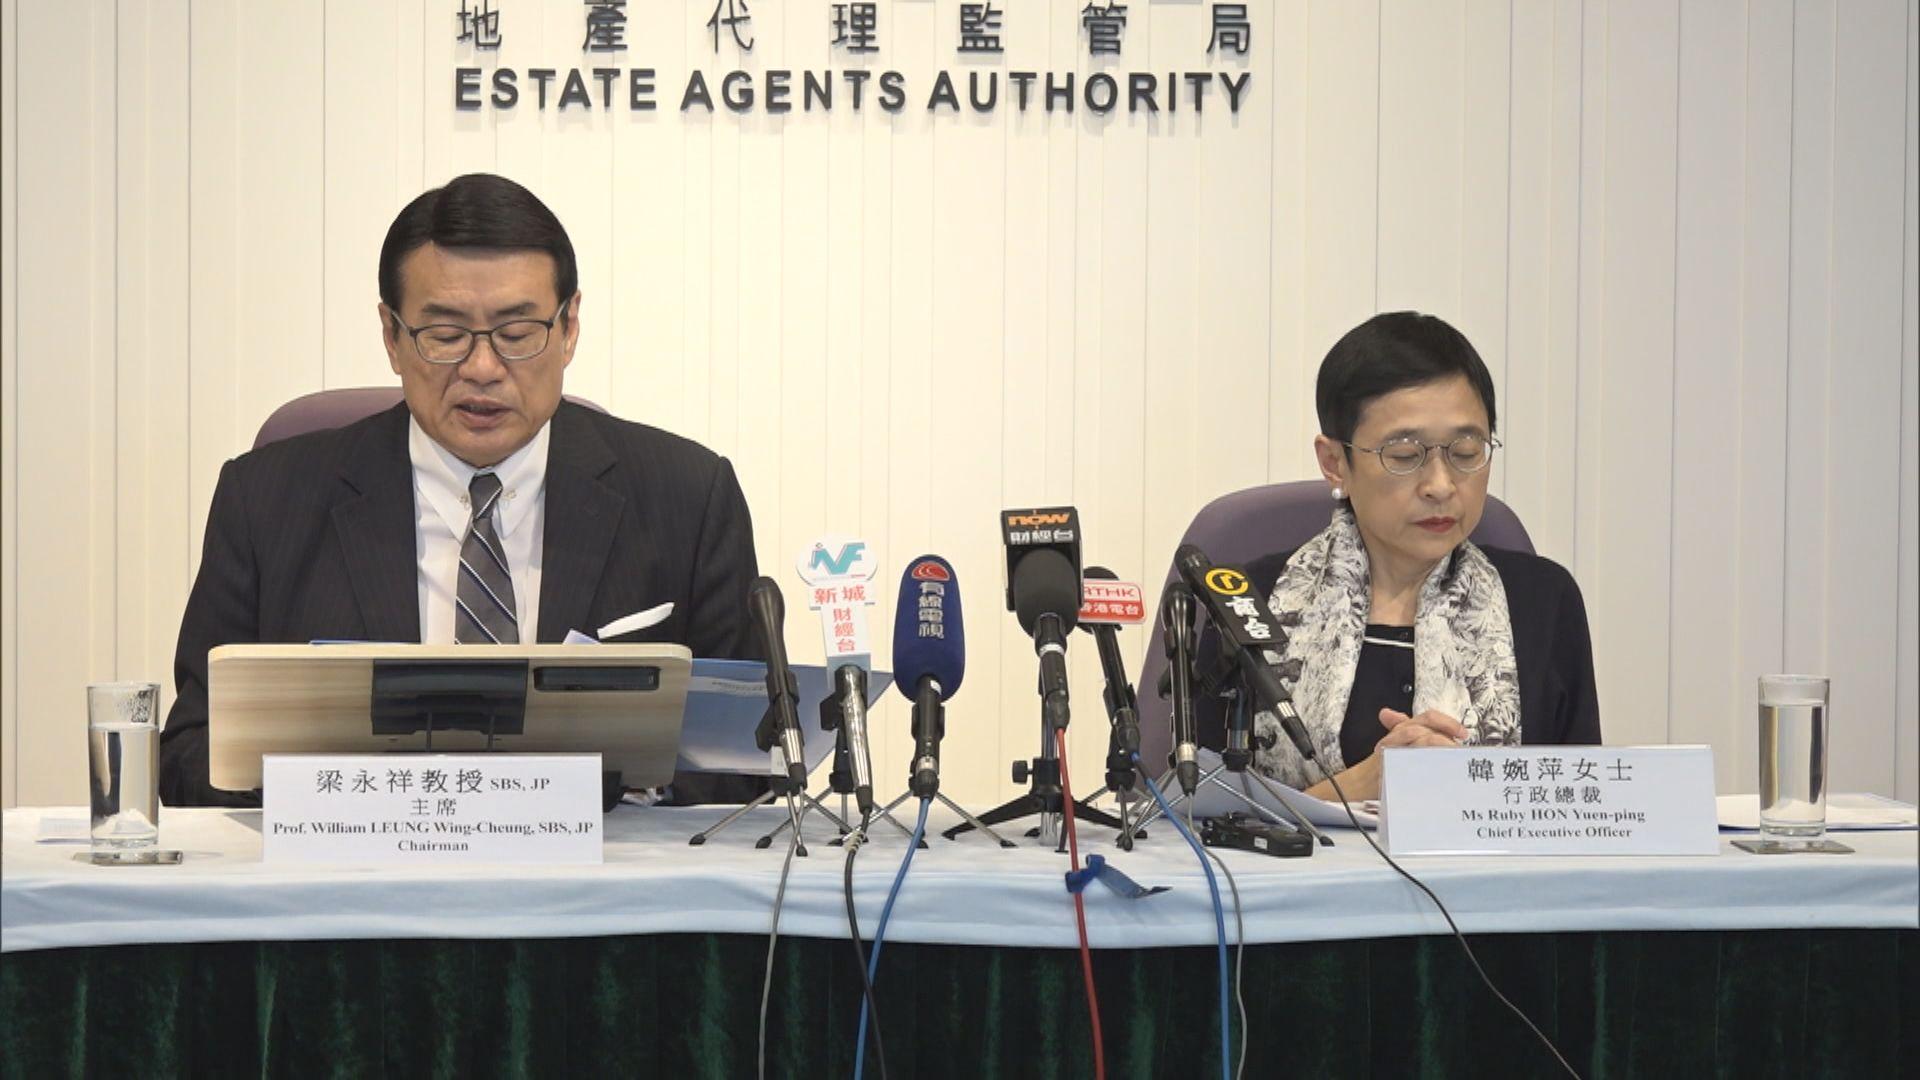 【新盤佔47宗】地監局去年接獲306宗投訴